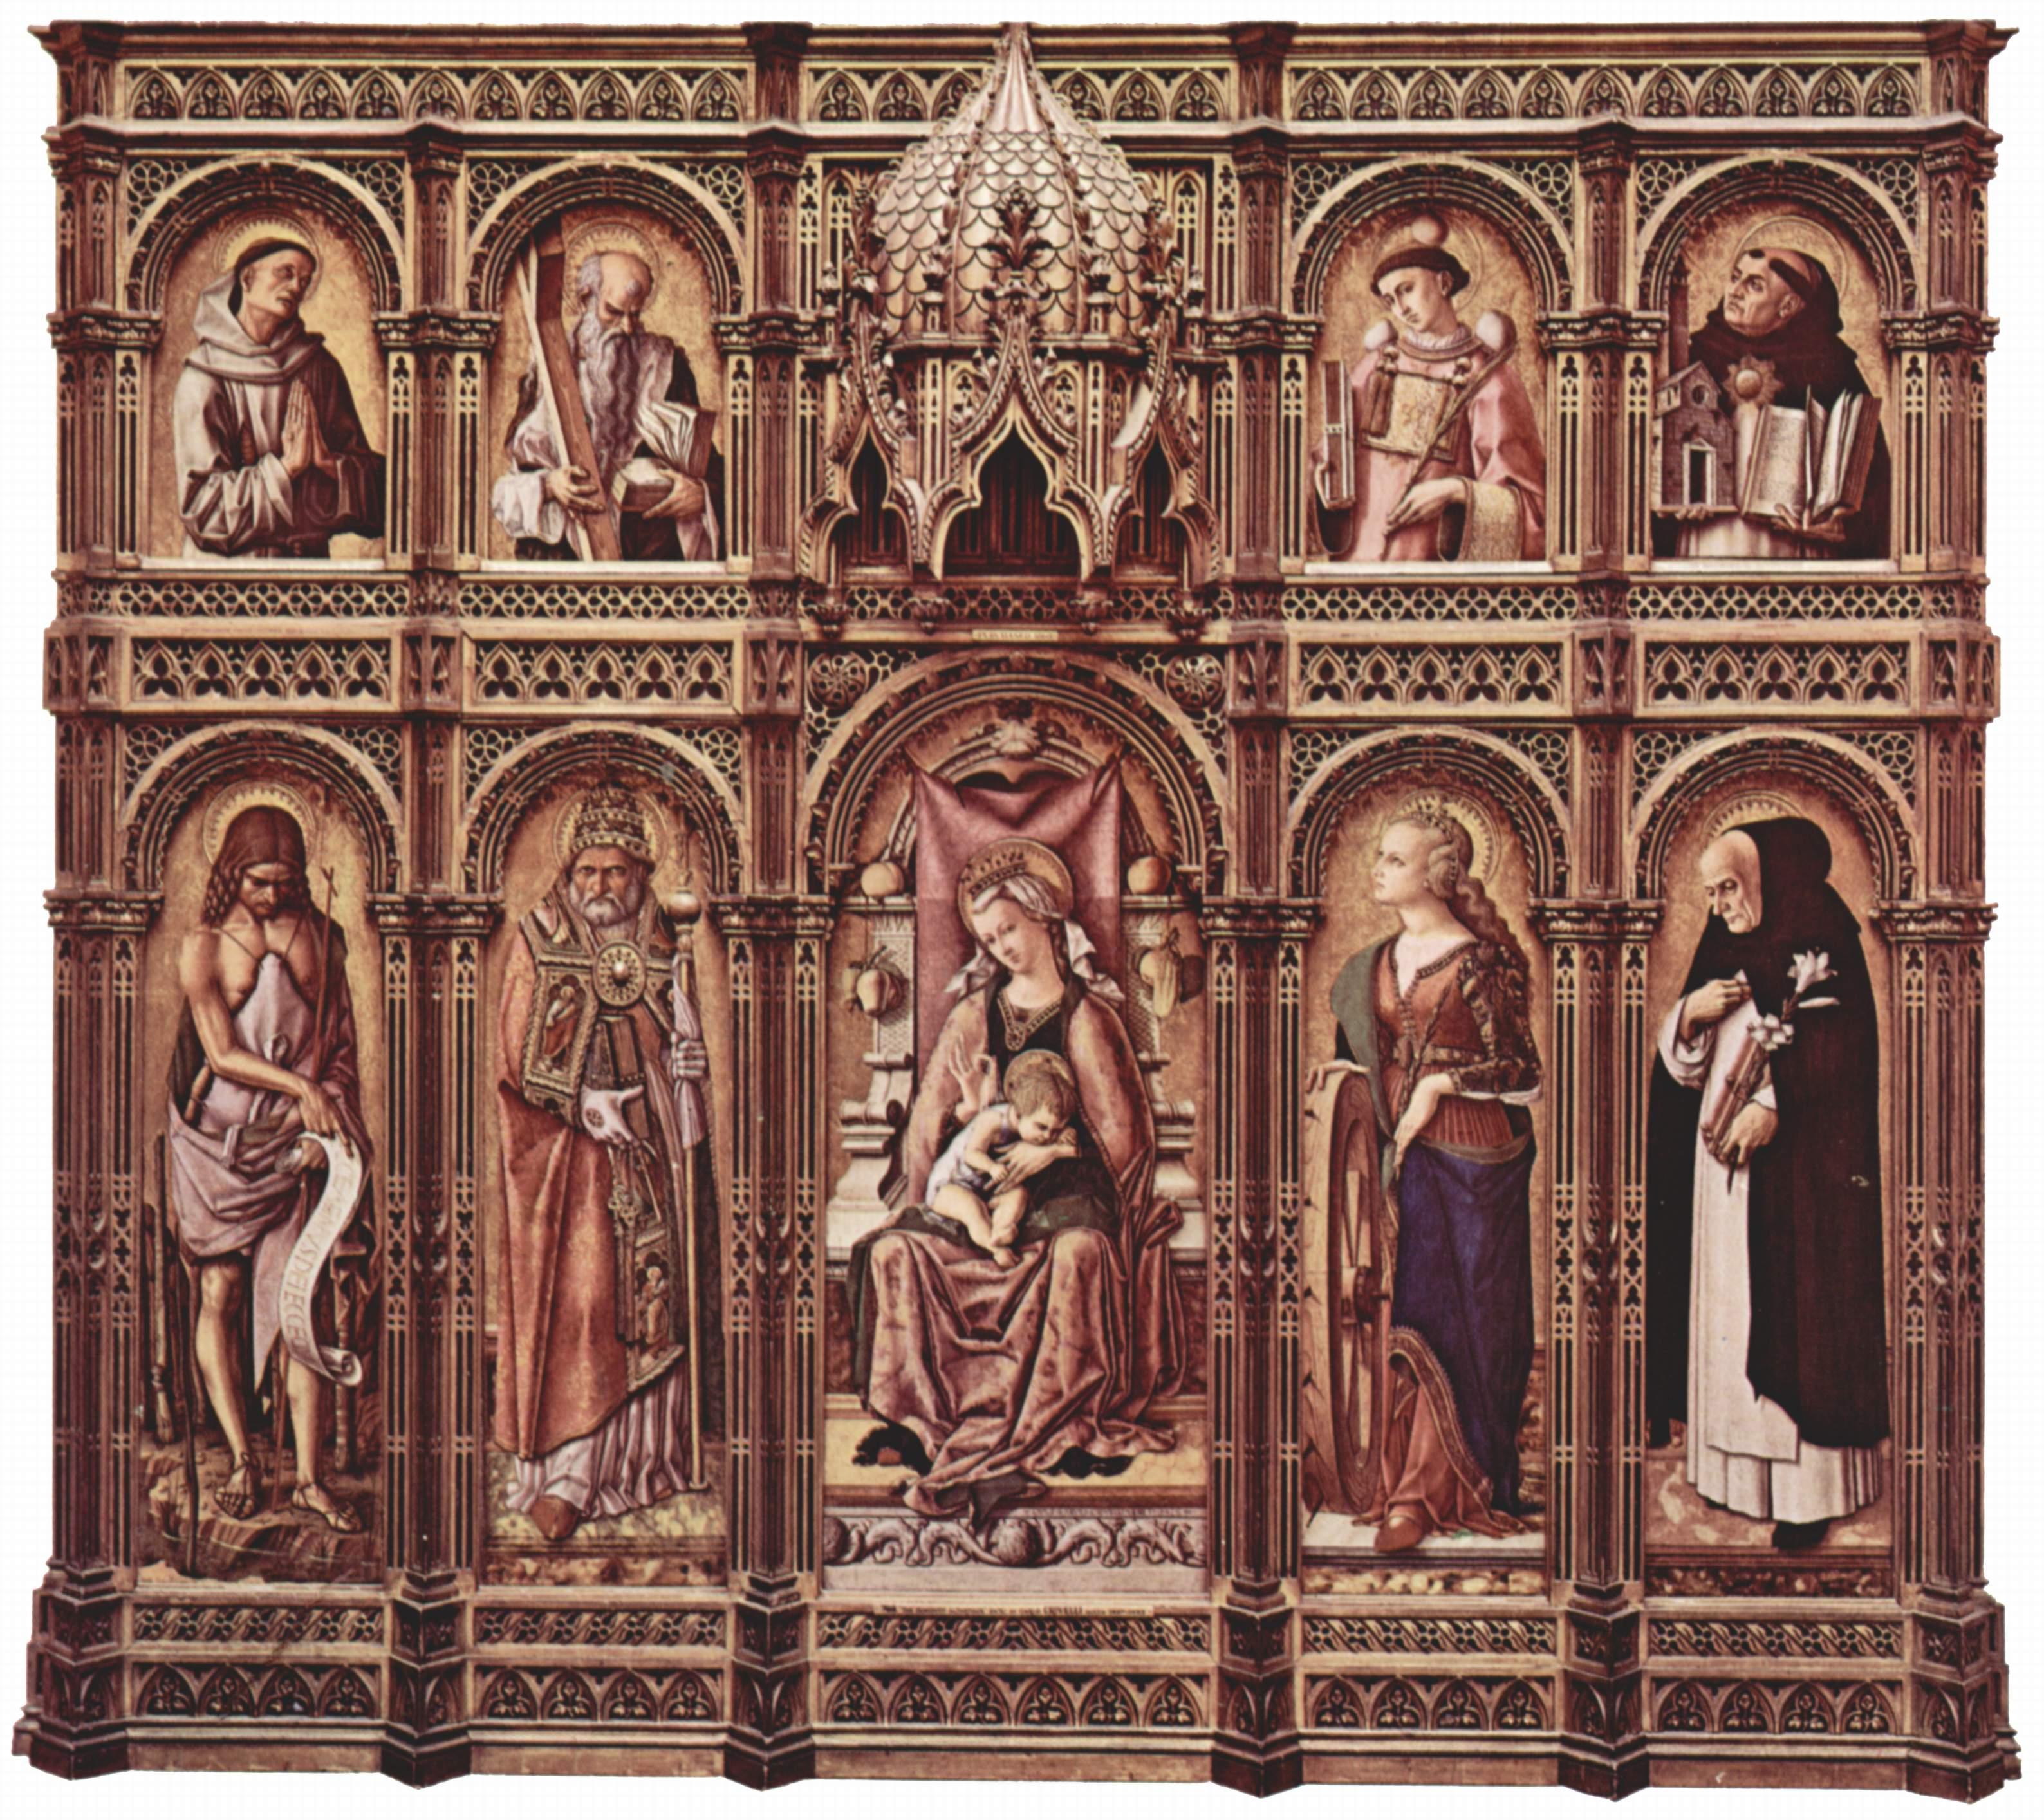 Центральный алтарь Сан Доменико в Асколи, полиптих, общий вид, центральное изображение  Мадонна на троне, Карло Кривелли